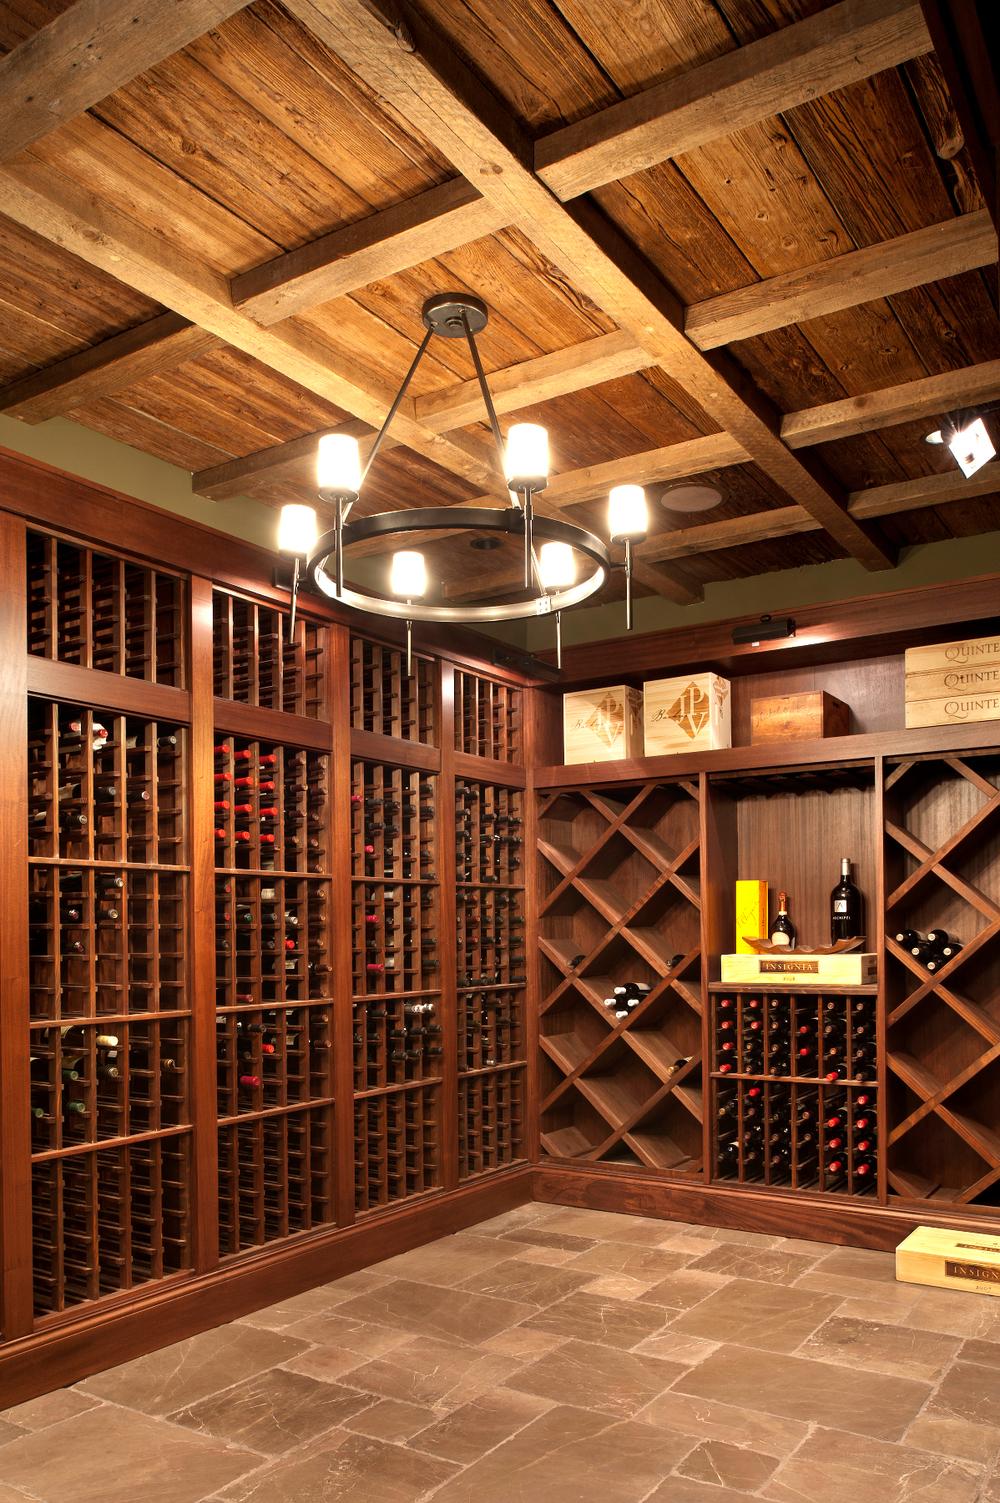 70818-17974-0326 wine celler.jpg